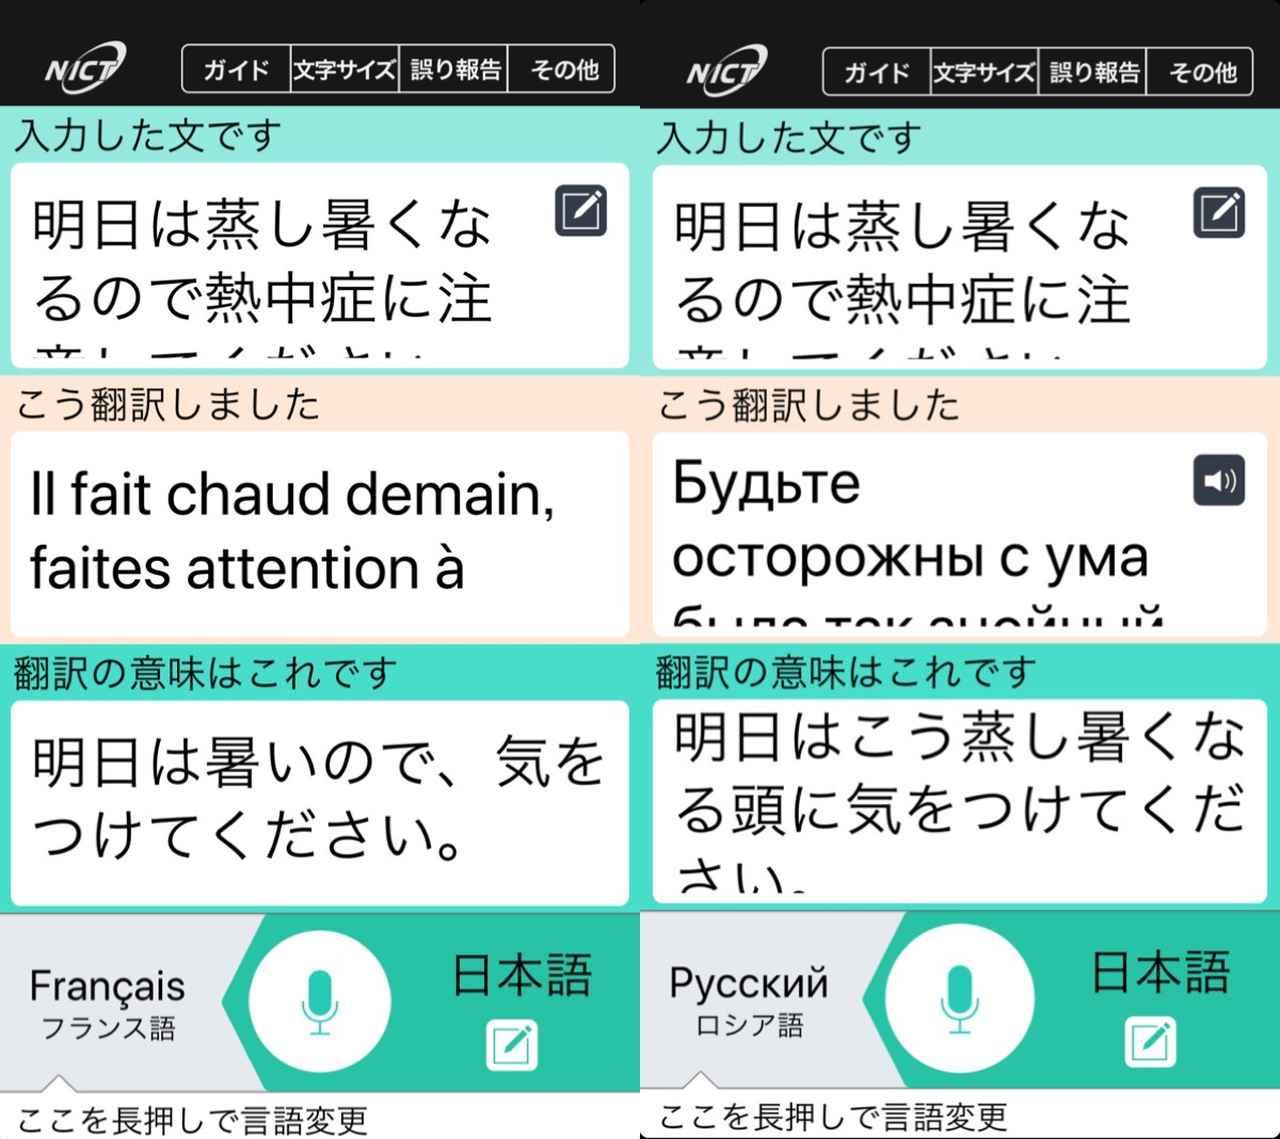 画像2: 英語以外も正確に訳せる?いろんな言語を使ってみました。